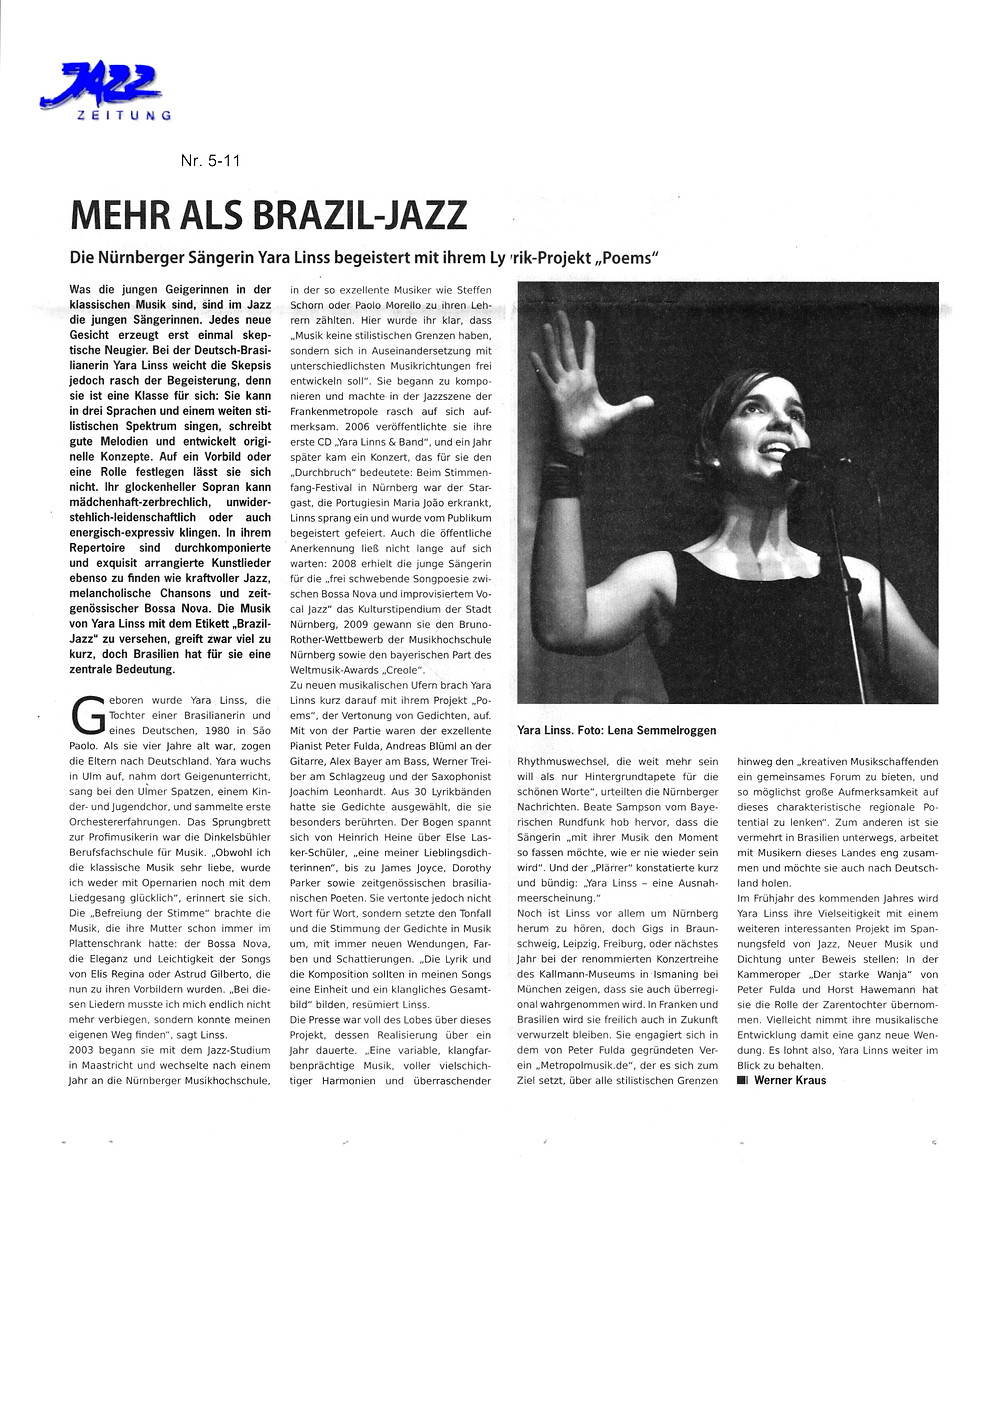 Jazzzeitung.jpg